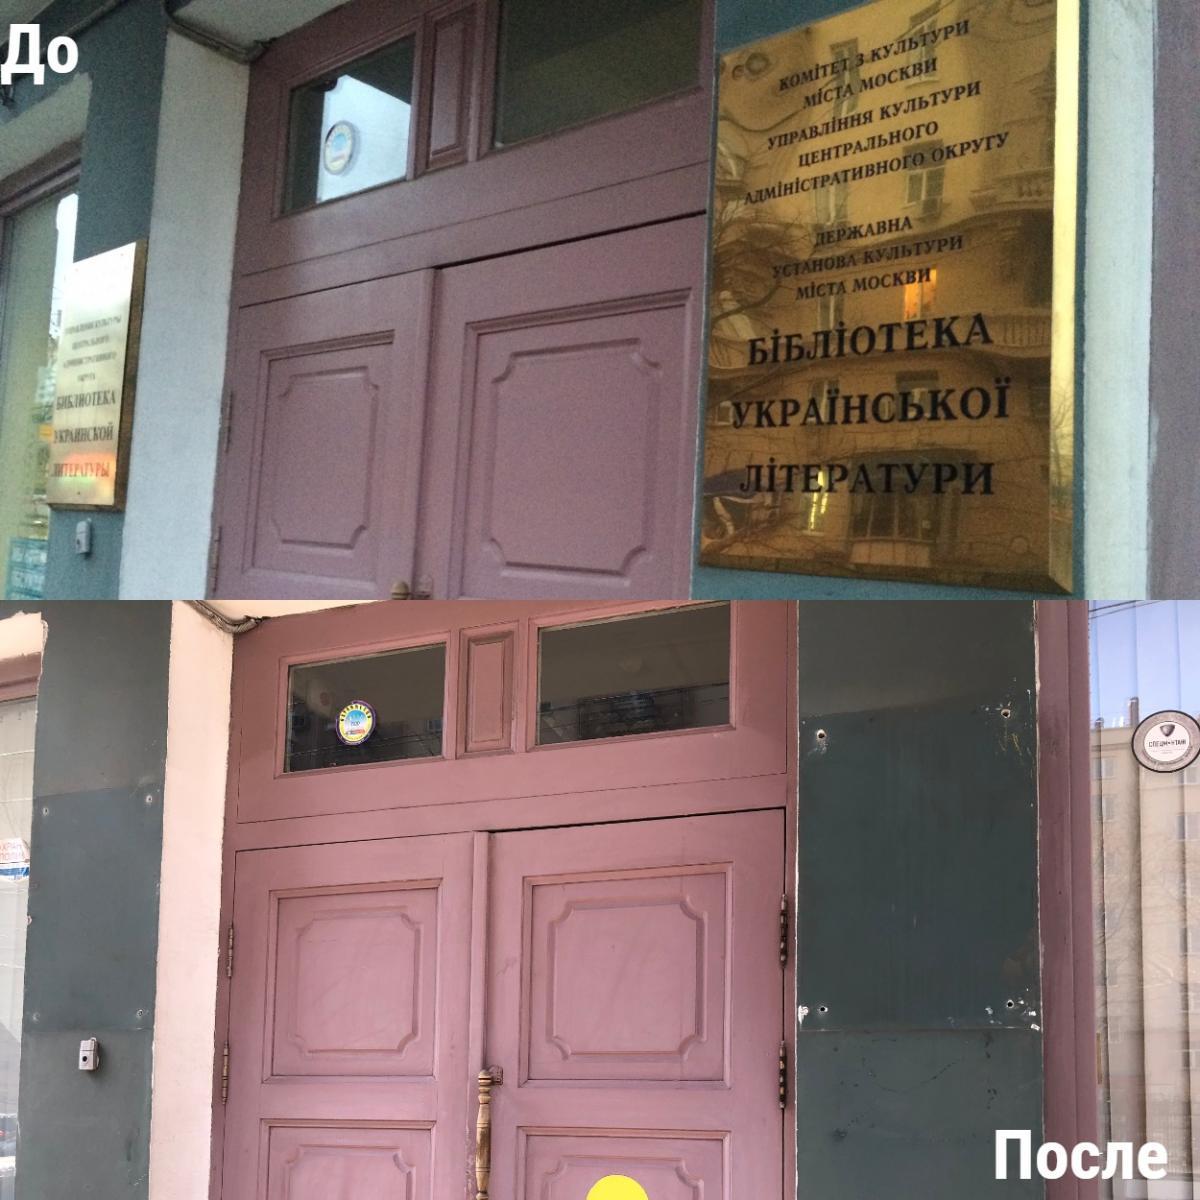 Де-факто библиотеку закрыли в прошлом году, сейчас из здания уже сняли всевывески / фото УНИАН